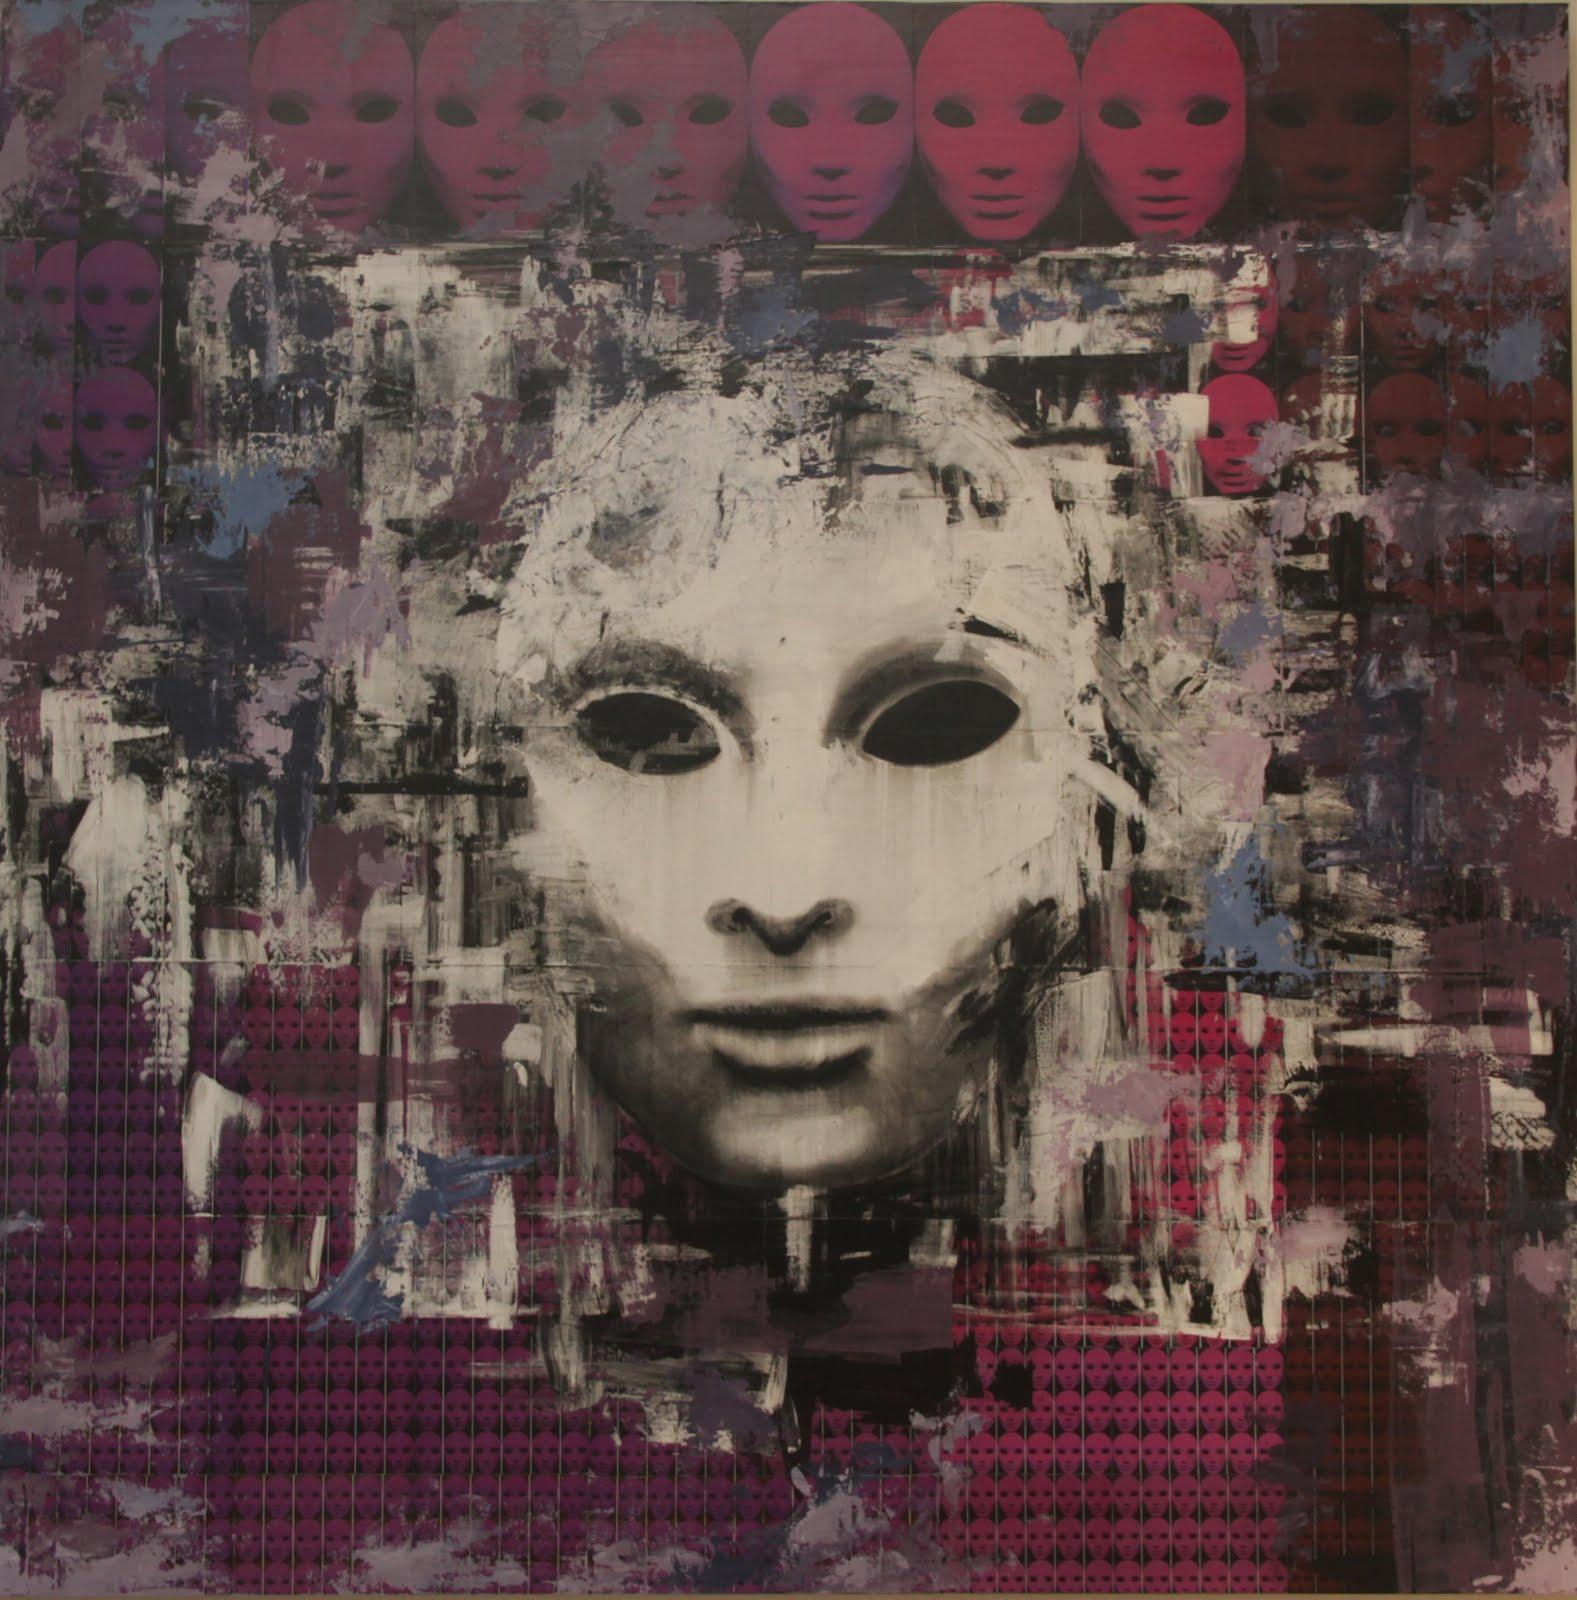 Solange Alves, Fractal 3 - A Face Secreta, Colagem/ Acrílica sobre madeira, 140x140 cm